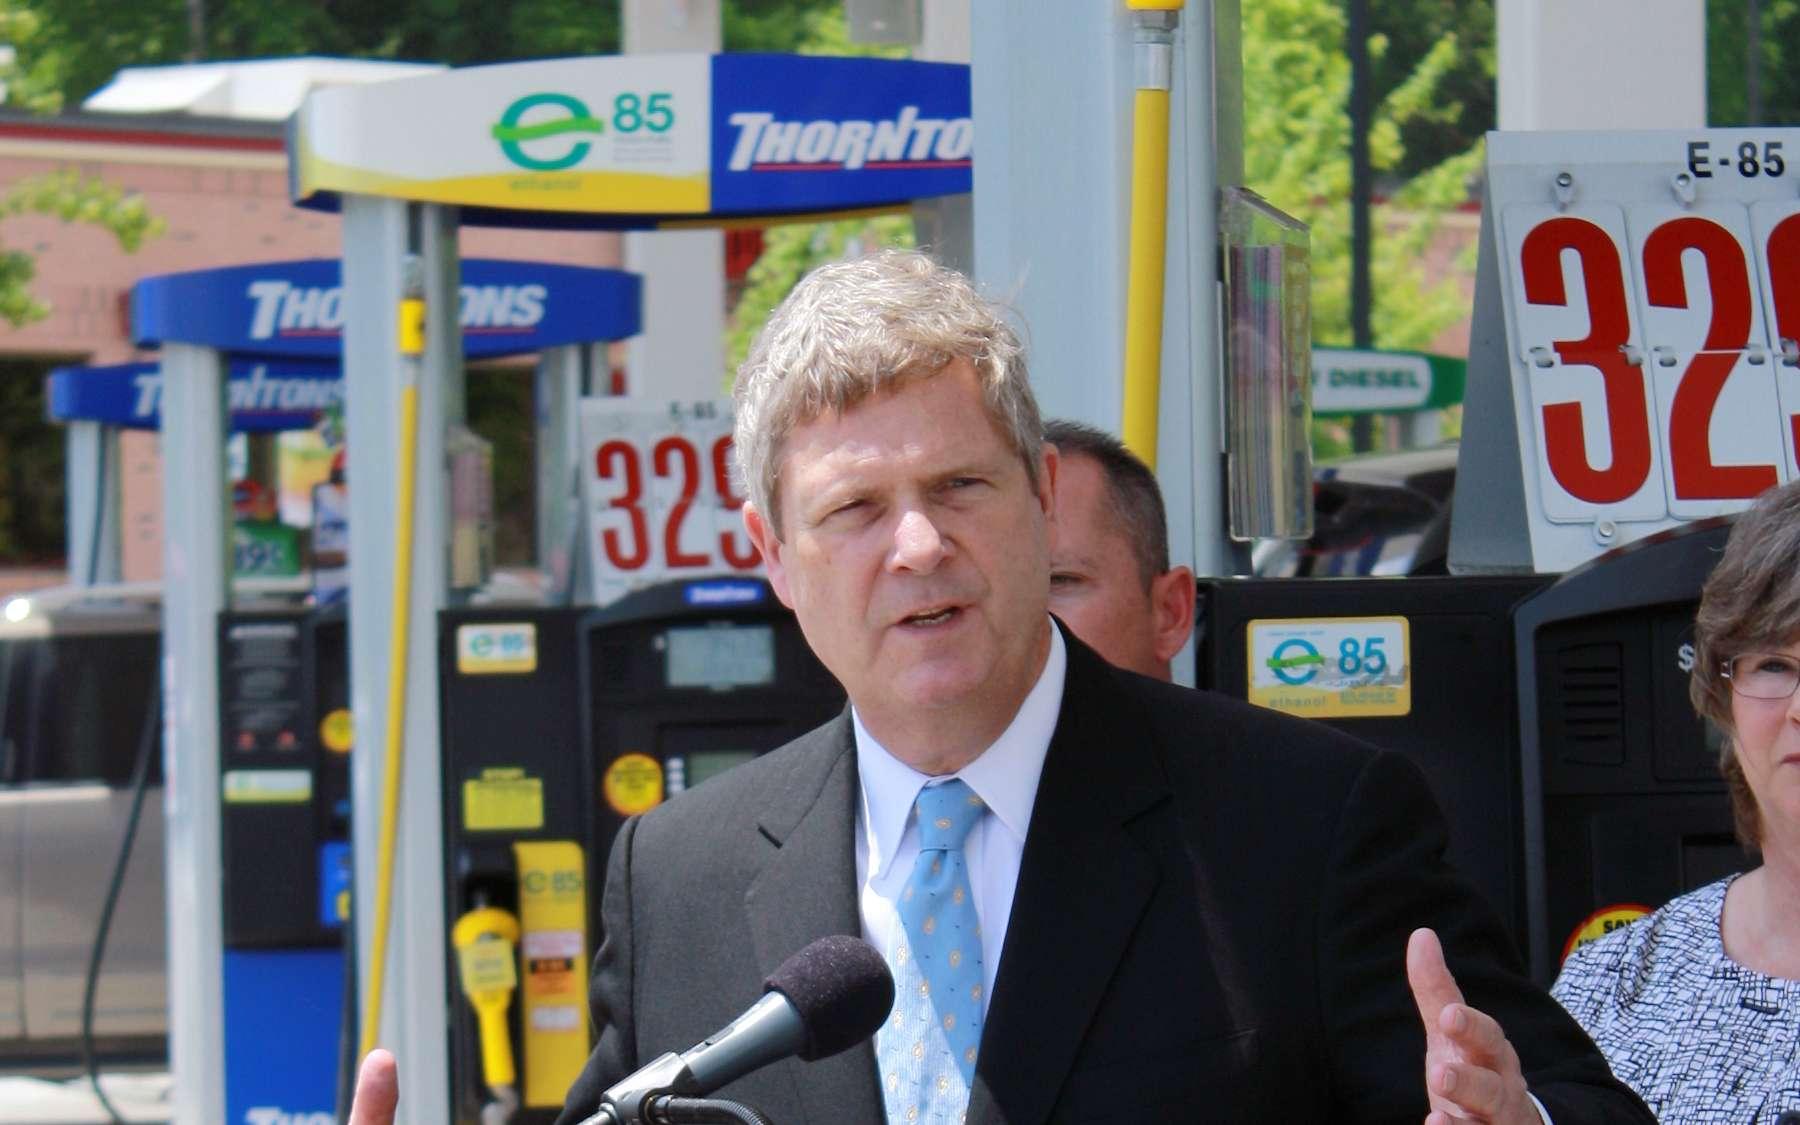 Le ministre américain de l'agriculture vantant les mérites du kit éthanol E85 en 2011. Le marché européen est en train de se tourner définitivement vers l'hybride et l'électrique. © US Department of Agriculture, cc by nd 2.0